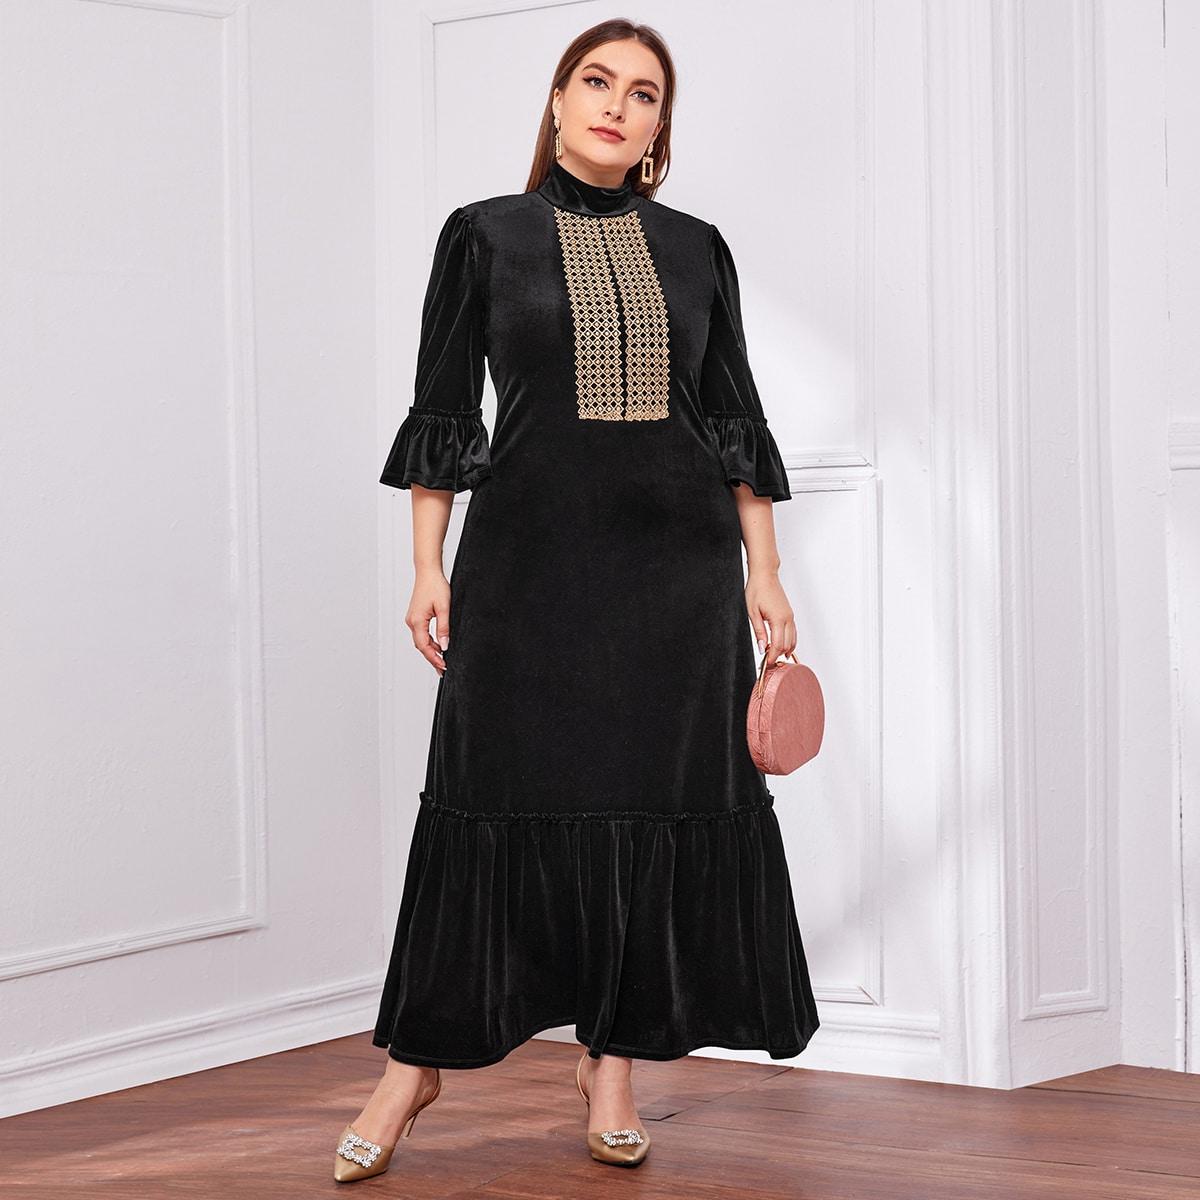 Бархатное платье размера плюс с вышивкой